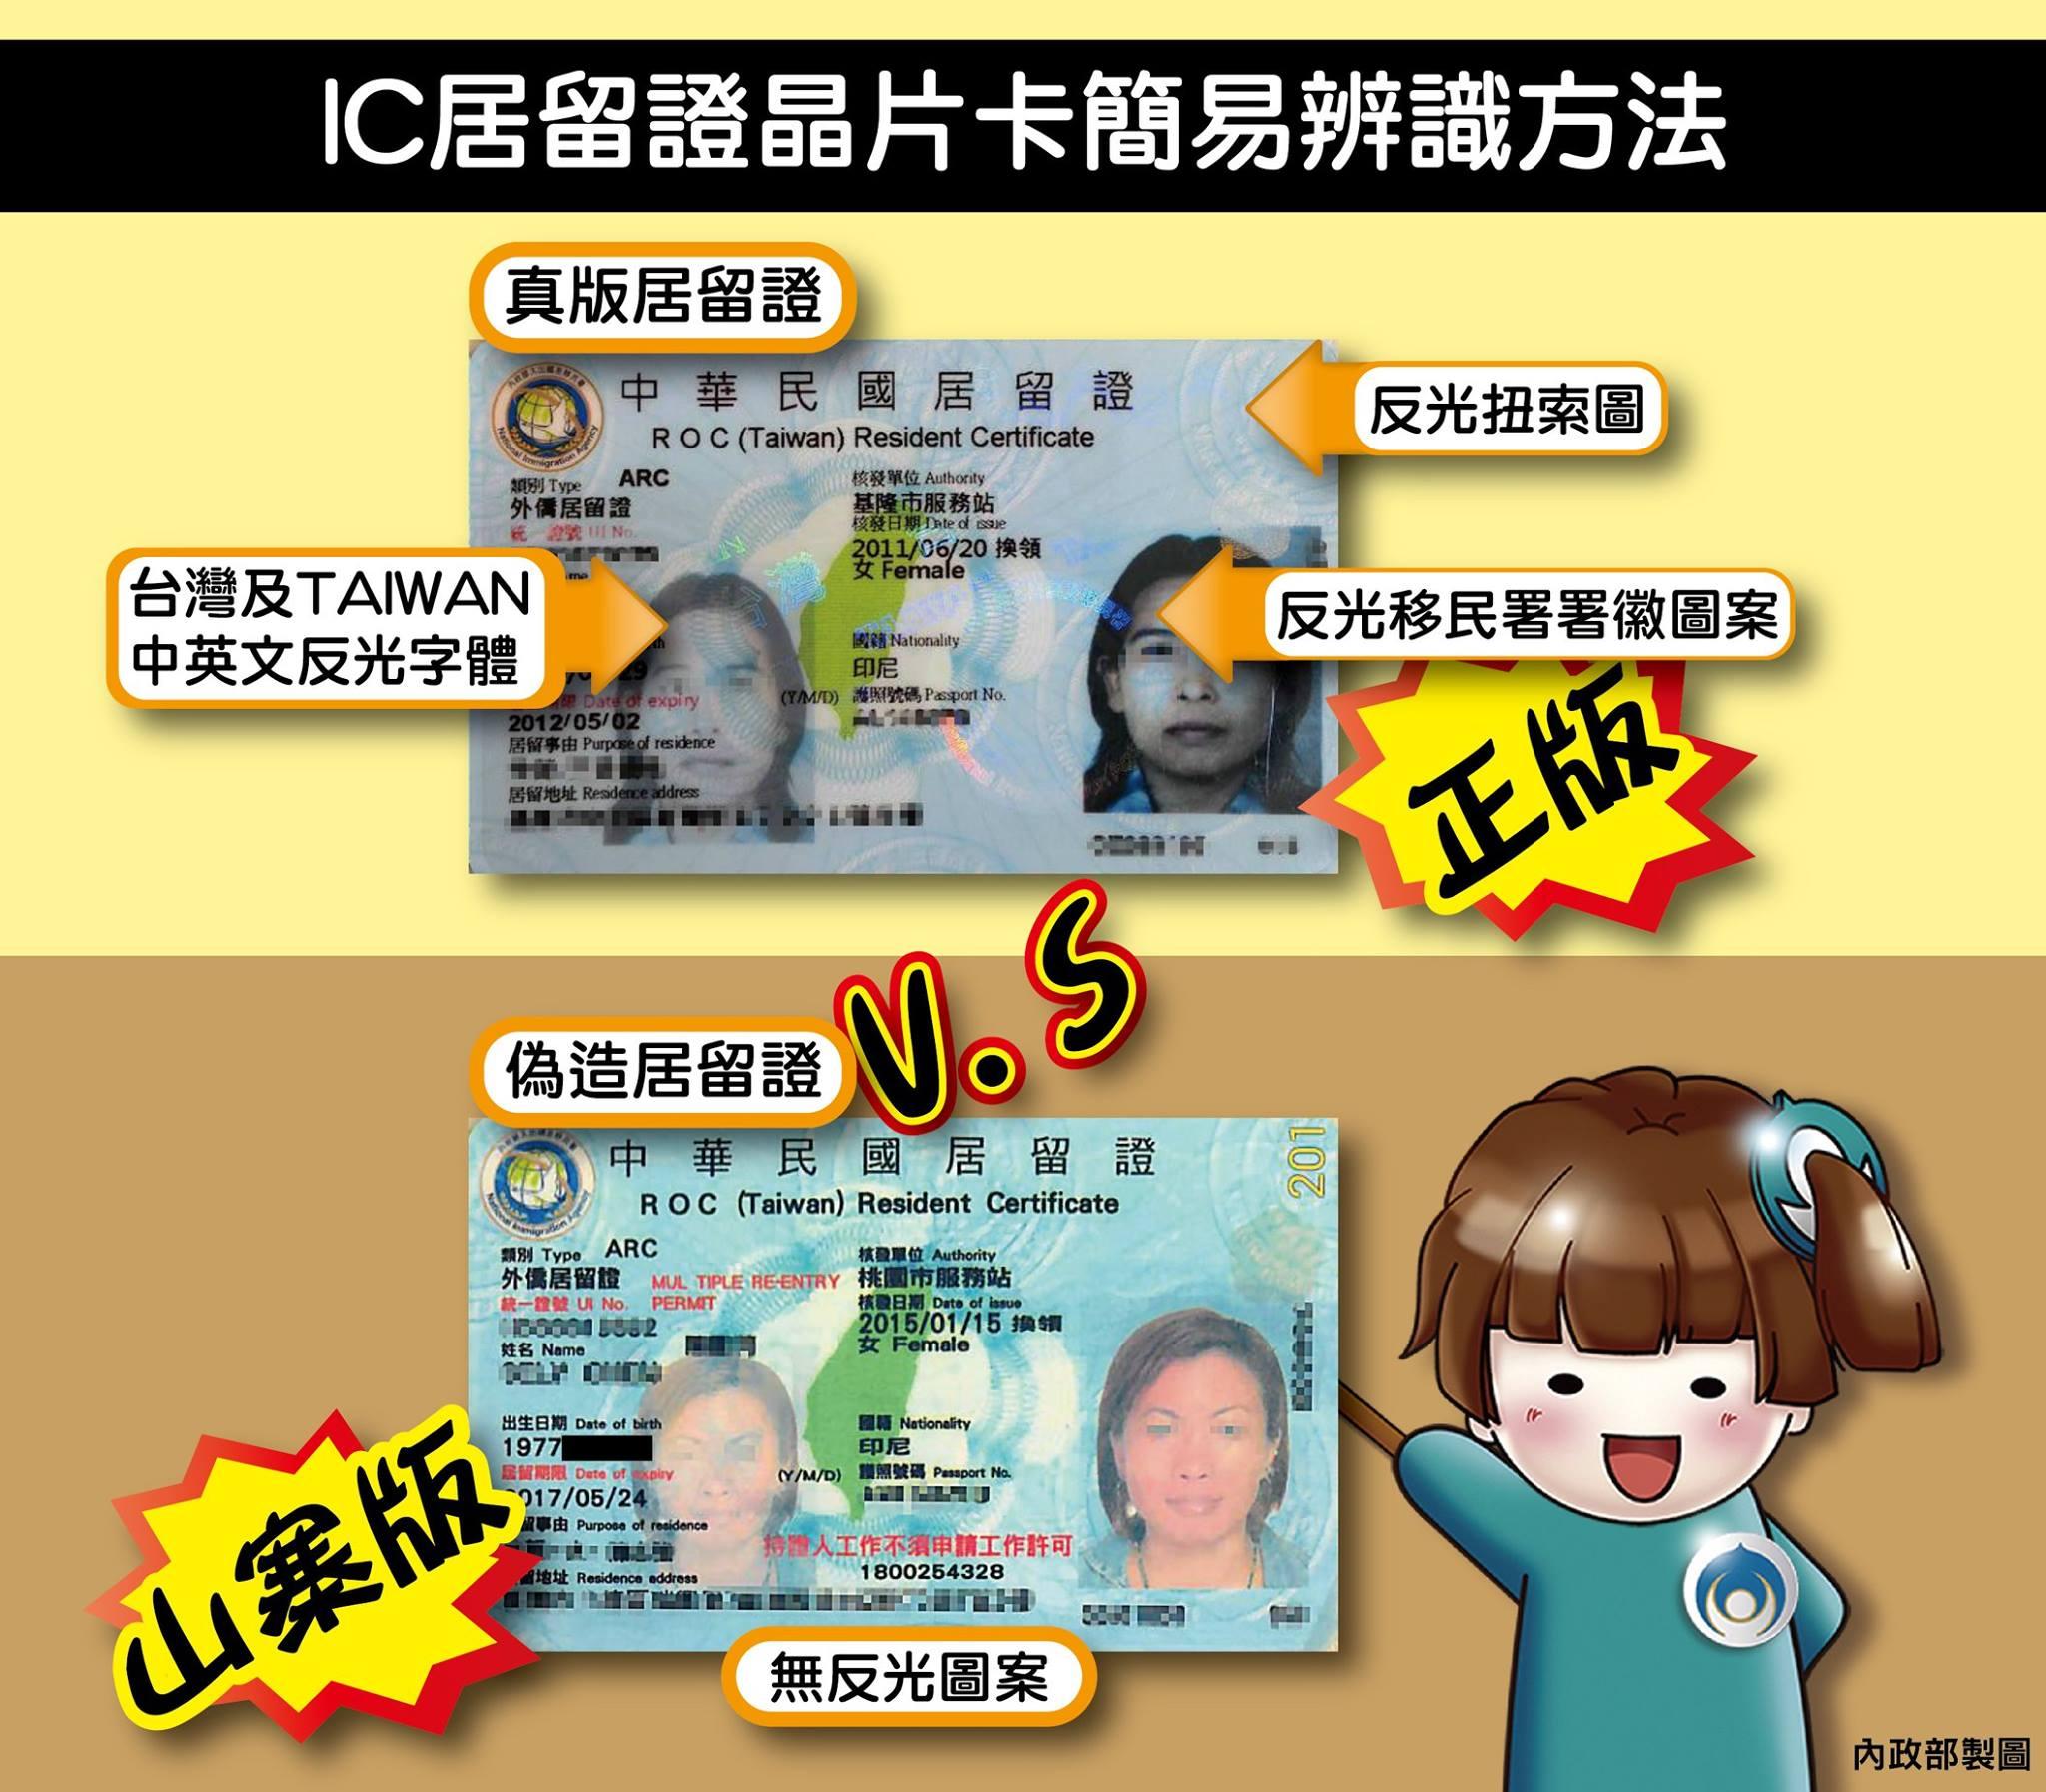 IC居留證晶片卡簡易辨識方法